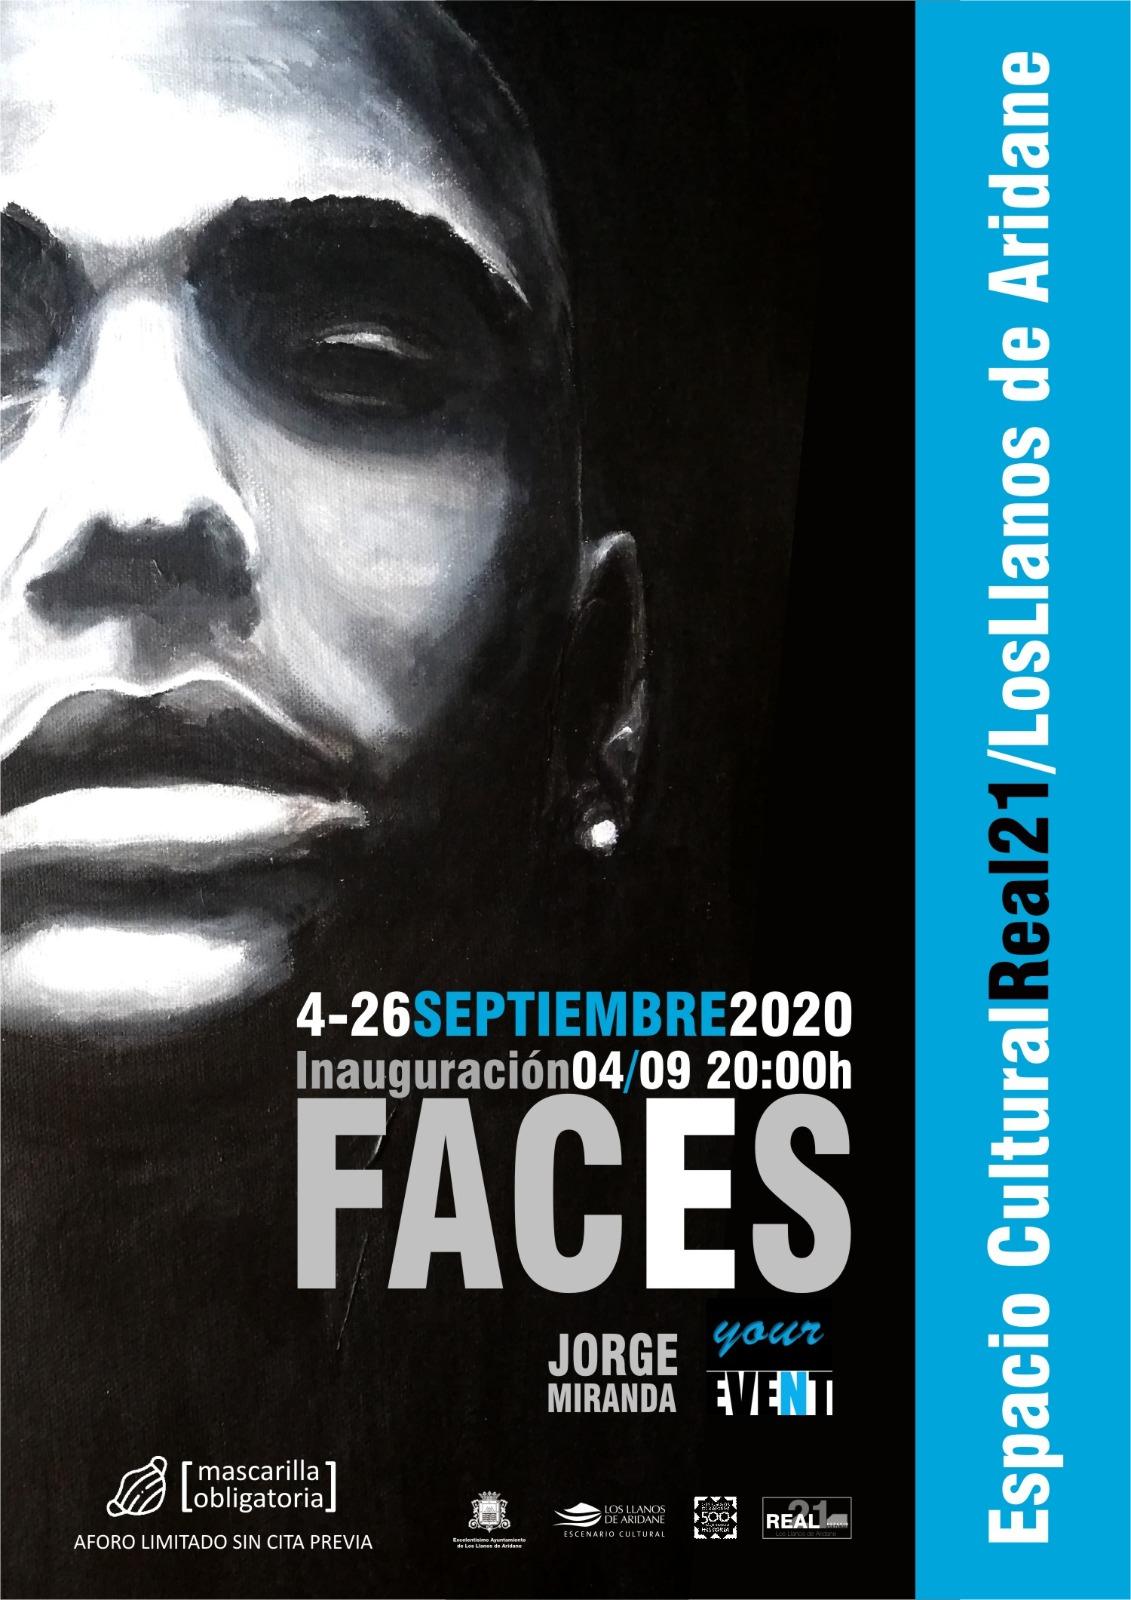 jorge-miranda-faces-real-21-los-llanos-septiembre-4-26-2020